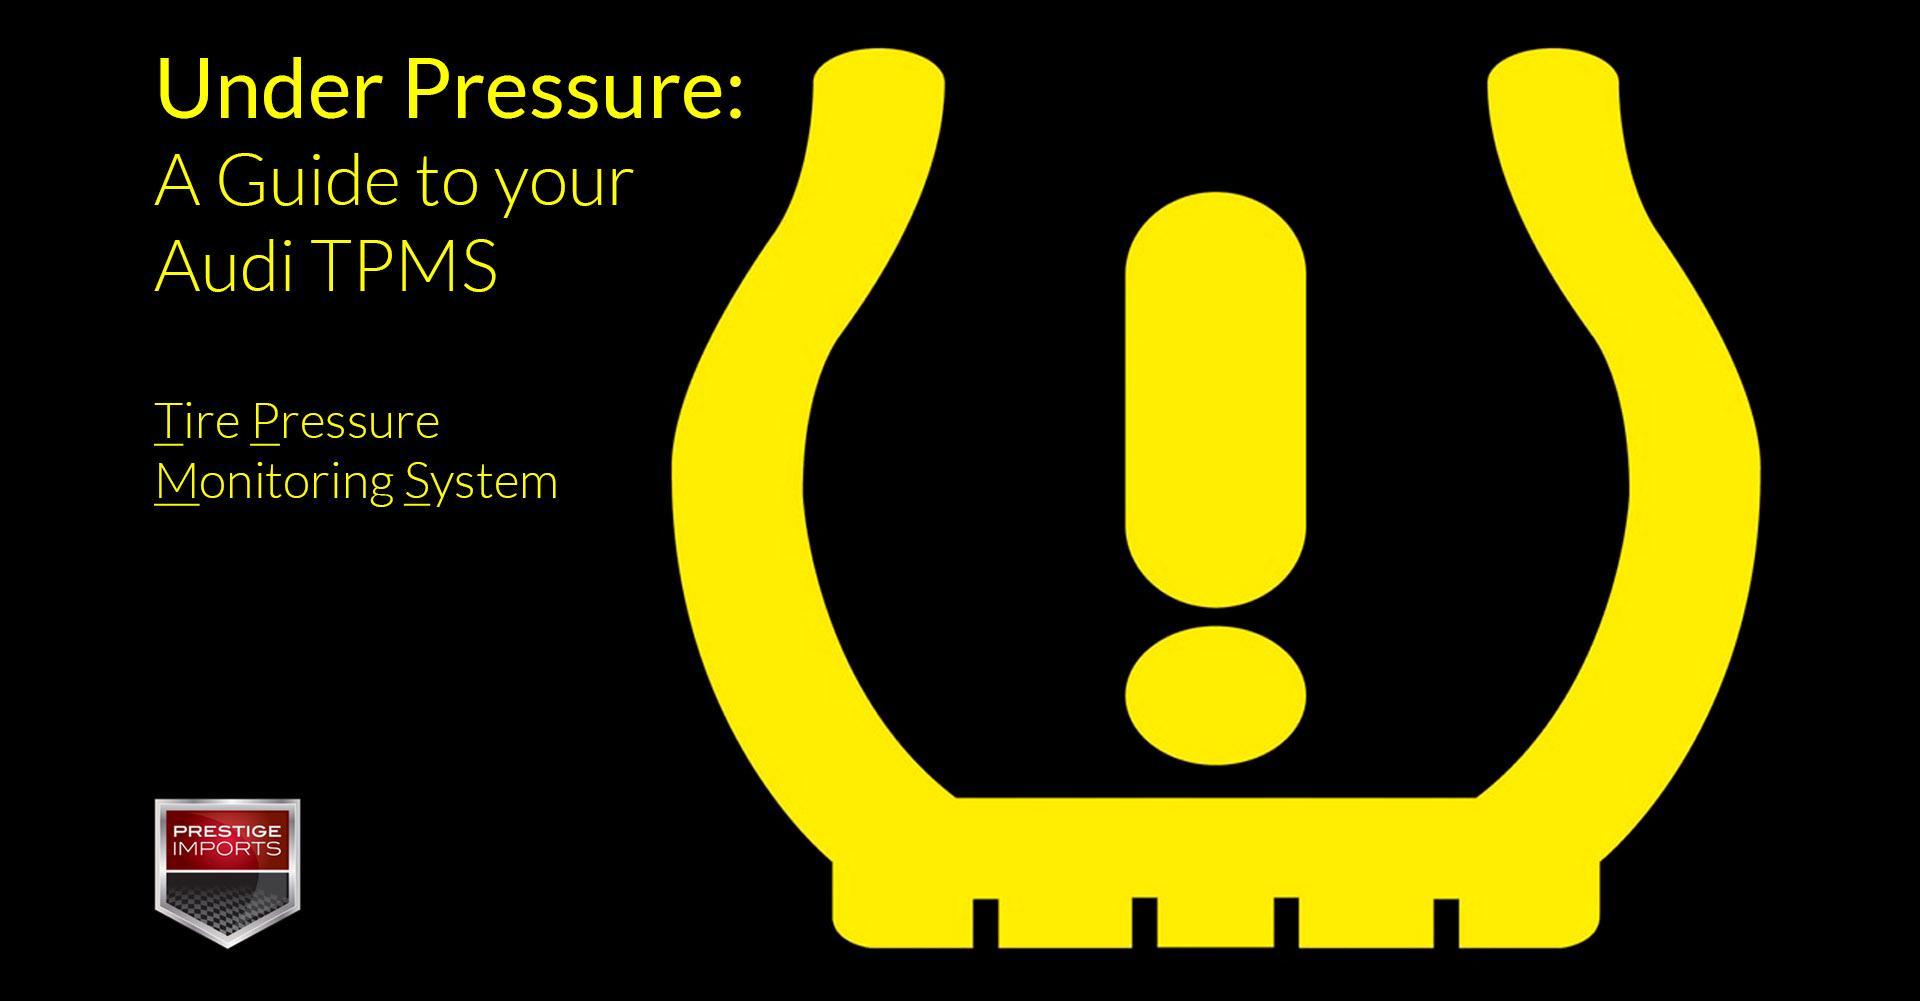 tmps-ventili-za-nadzor-tlaka-v-pnevmatikah-obvezni-za-nova-vozila